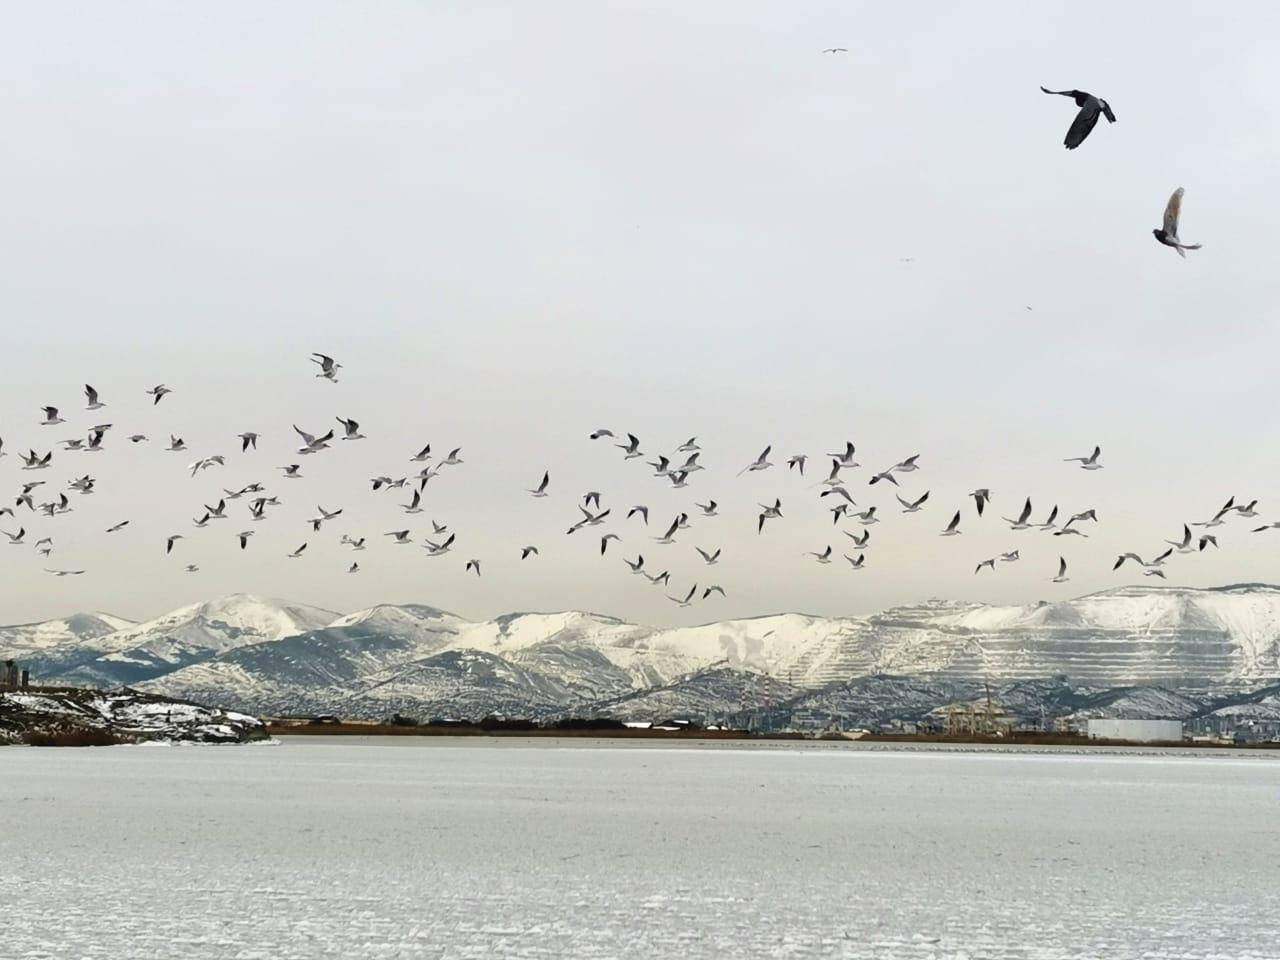 Жительница Новороссийска нашла на пляже 19 мертвых птиц